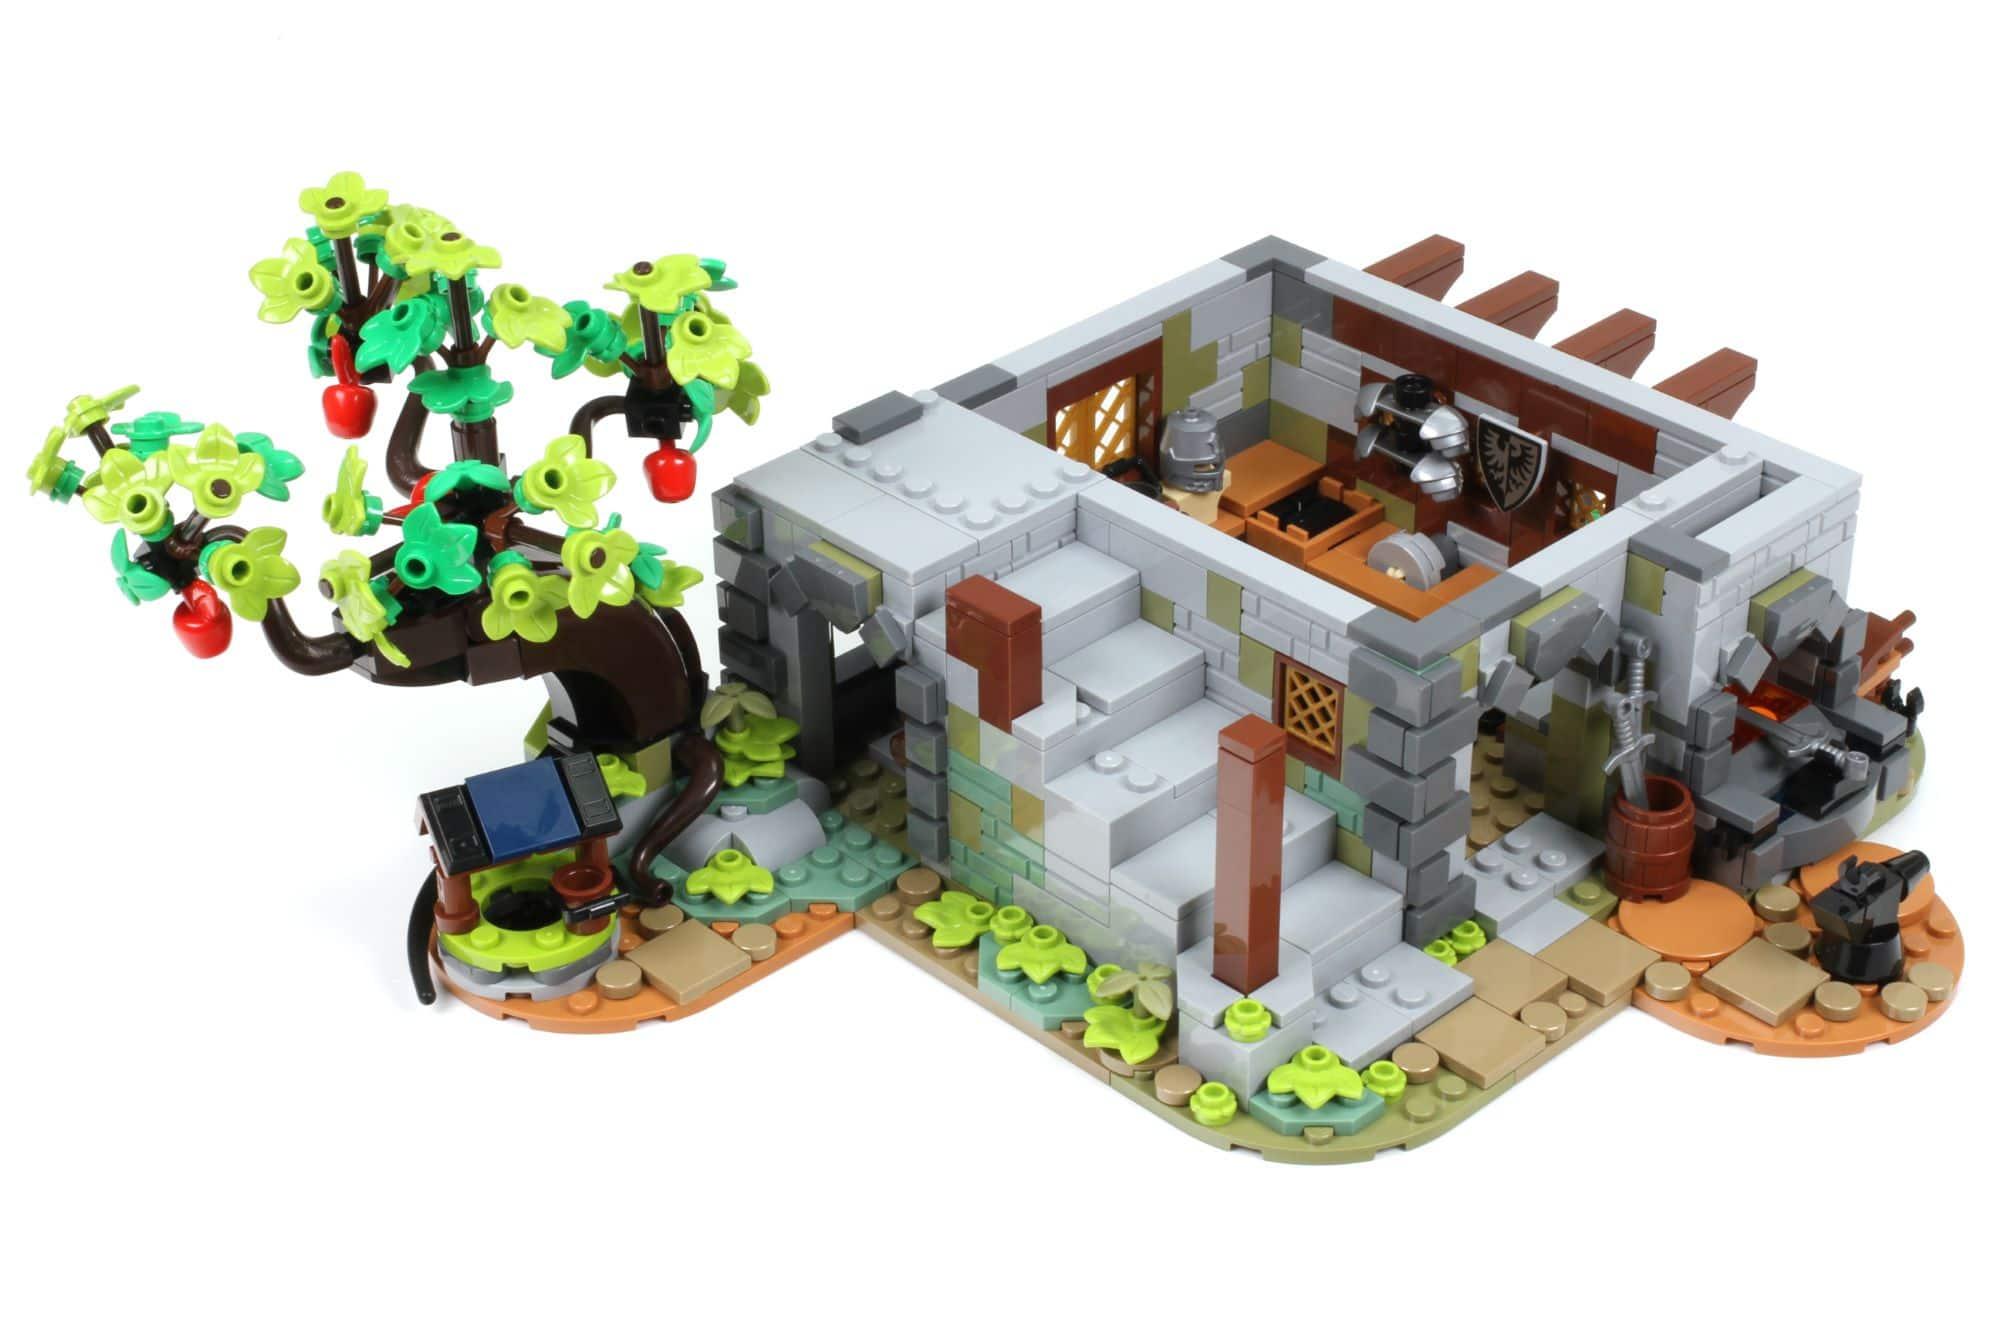 LEGO Ideas 21325 Mittelalterliche Schmiede Bauabschnitt 5 1